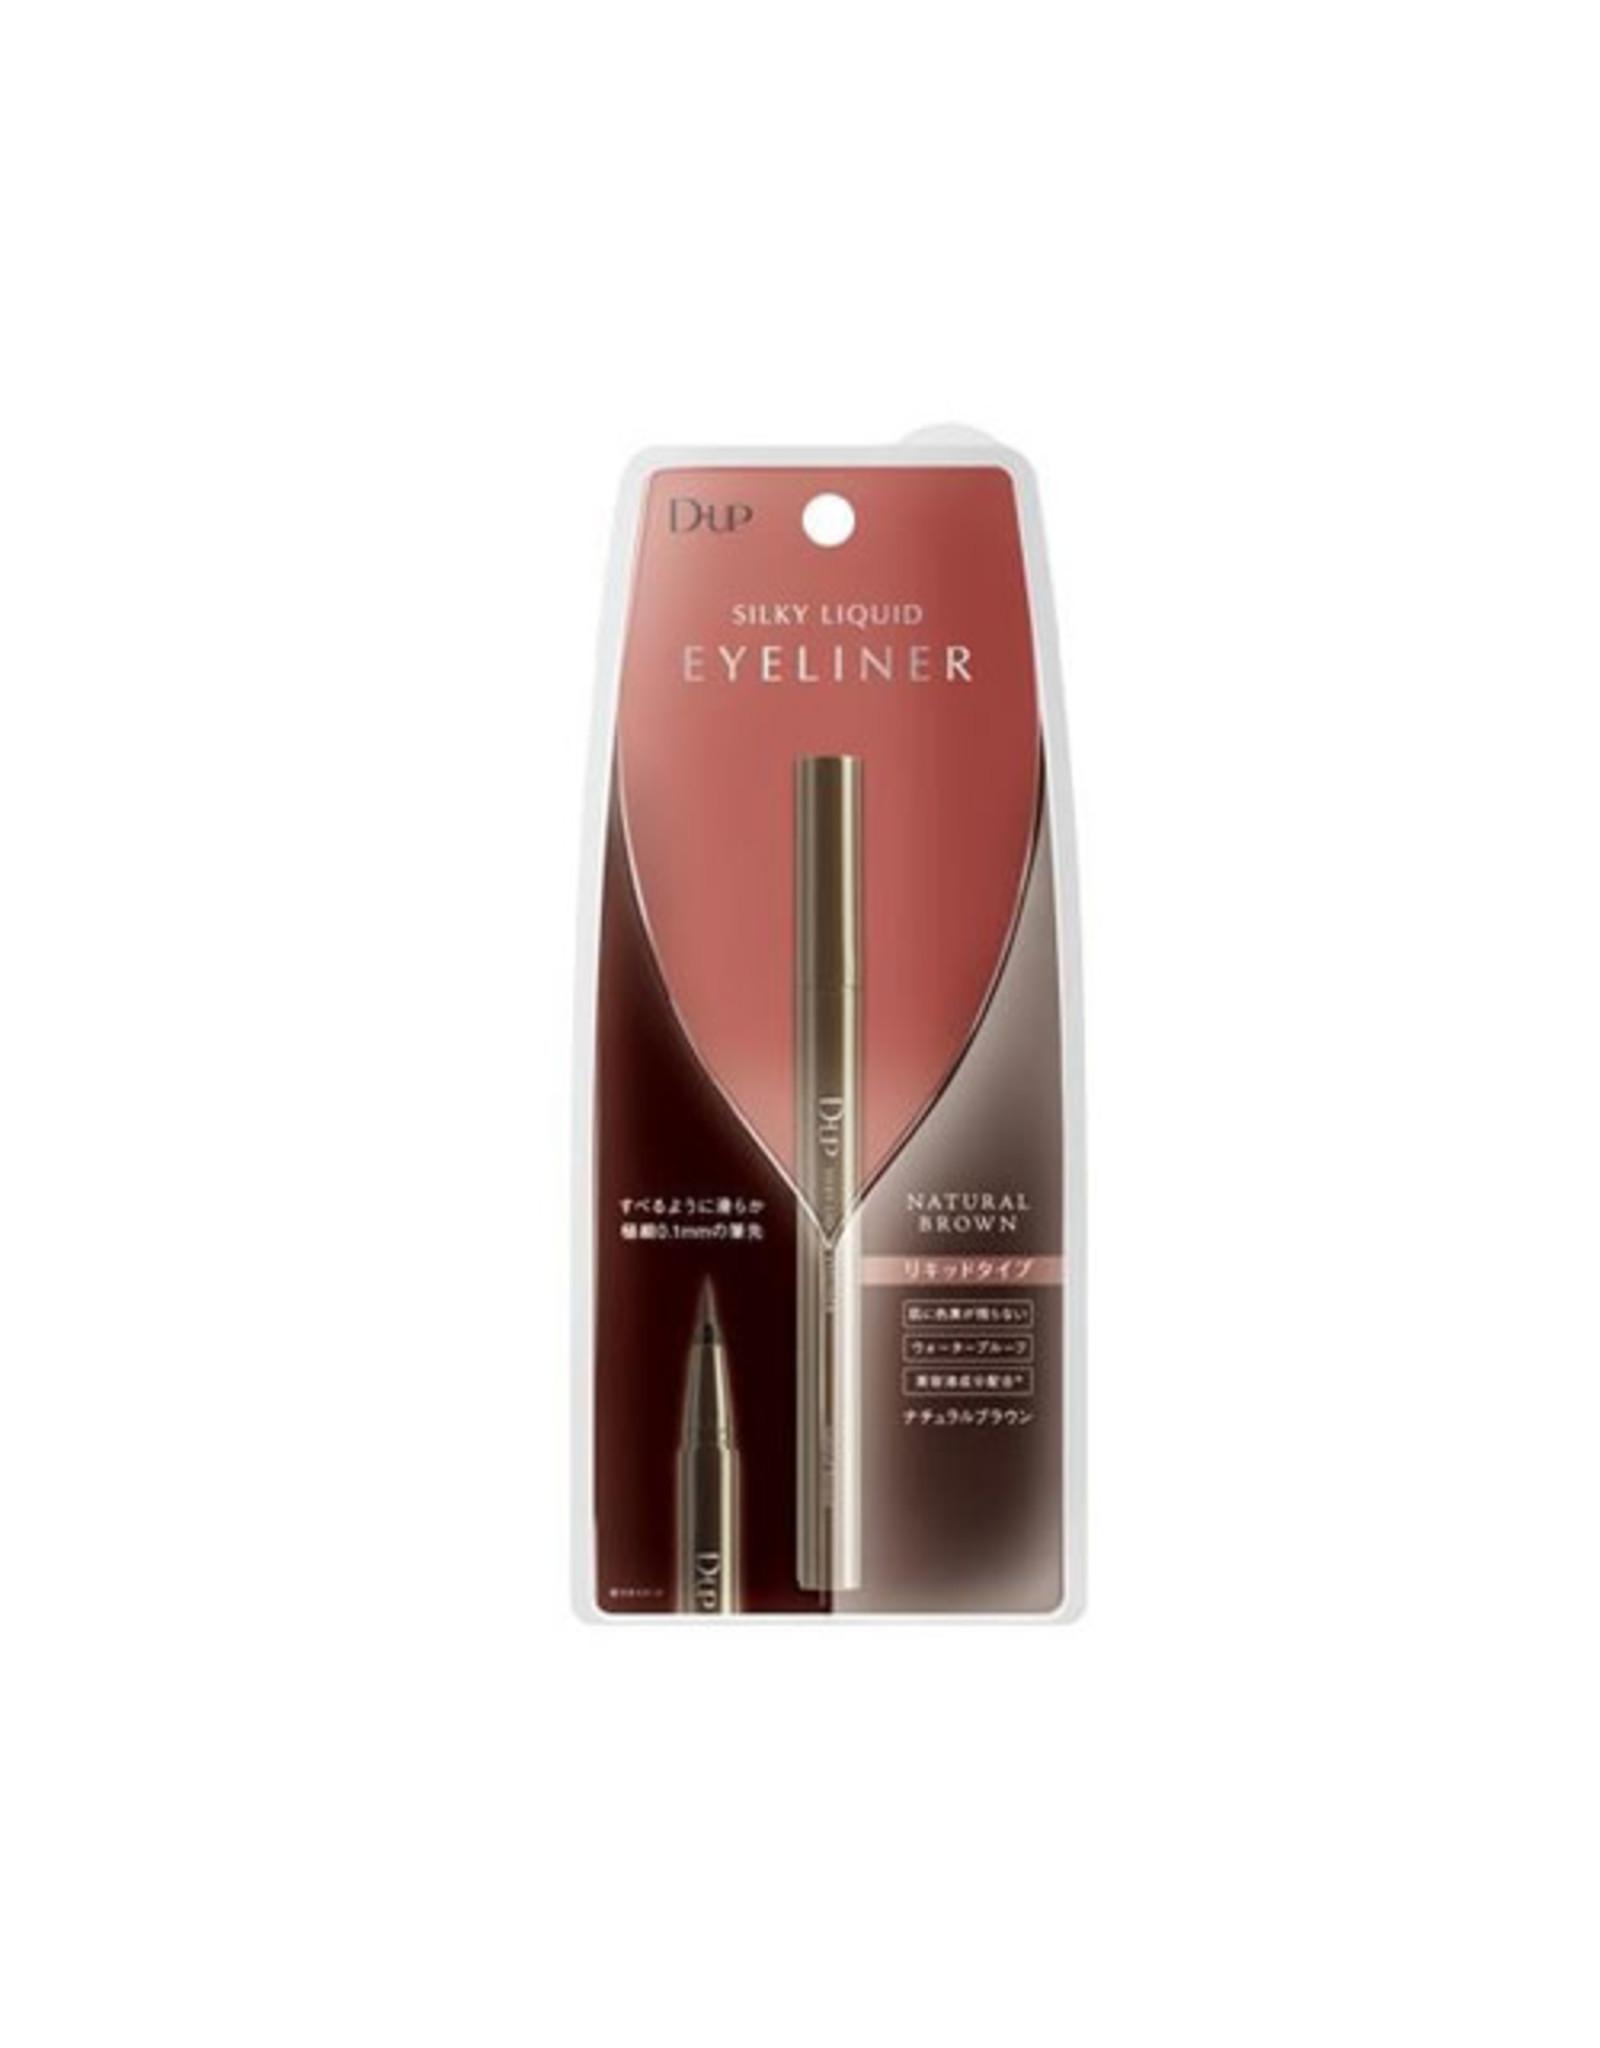 DUP Dup Silky Liquid Eyeliner WP Natural Brown New